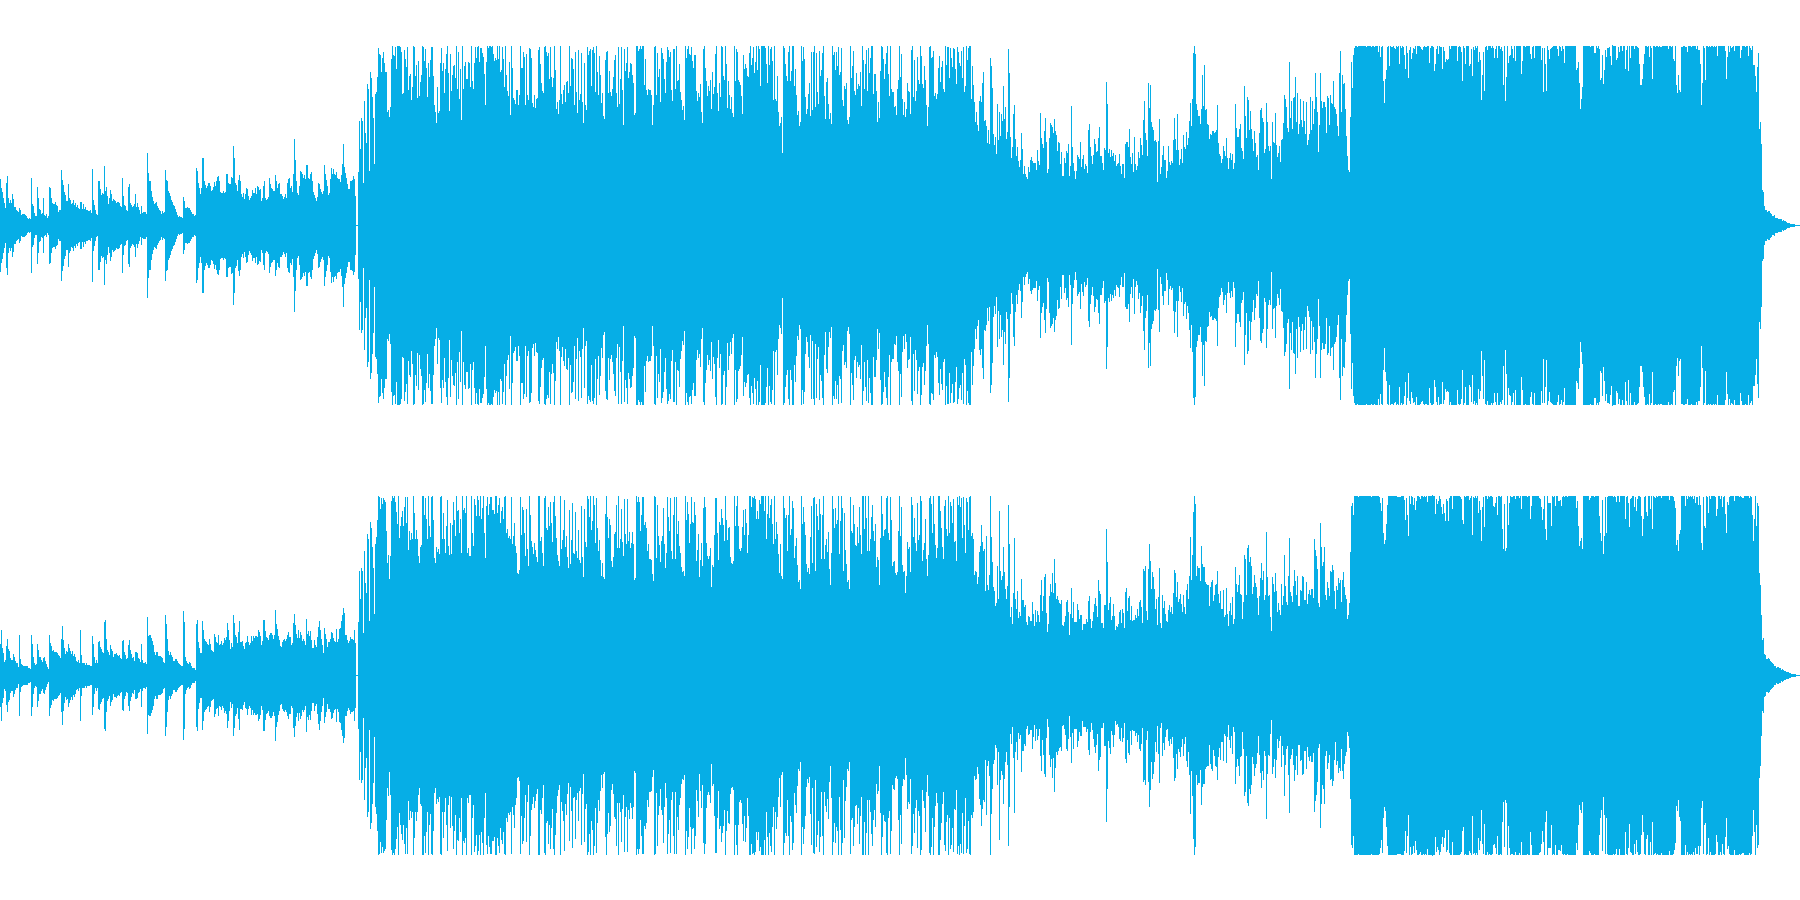 ギターリフが重厚で激しいMETALの再生済みの波形